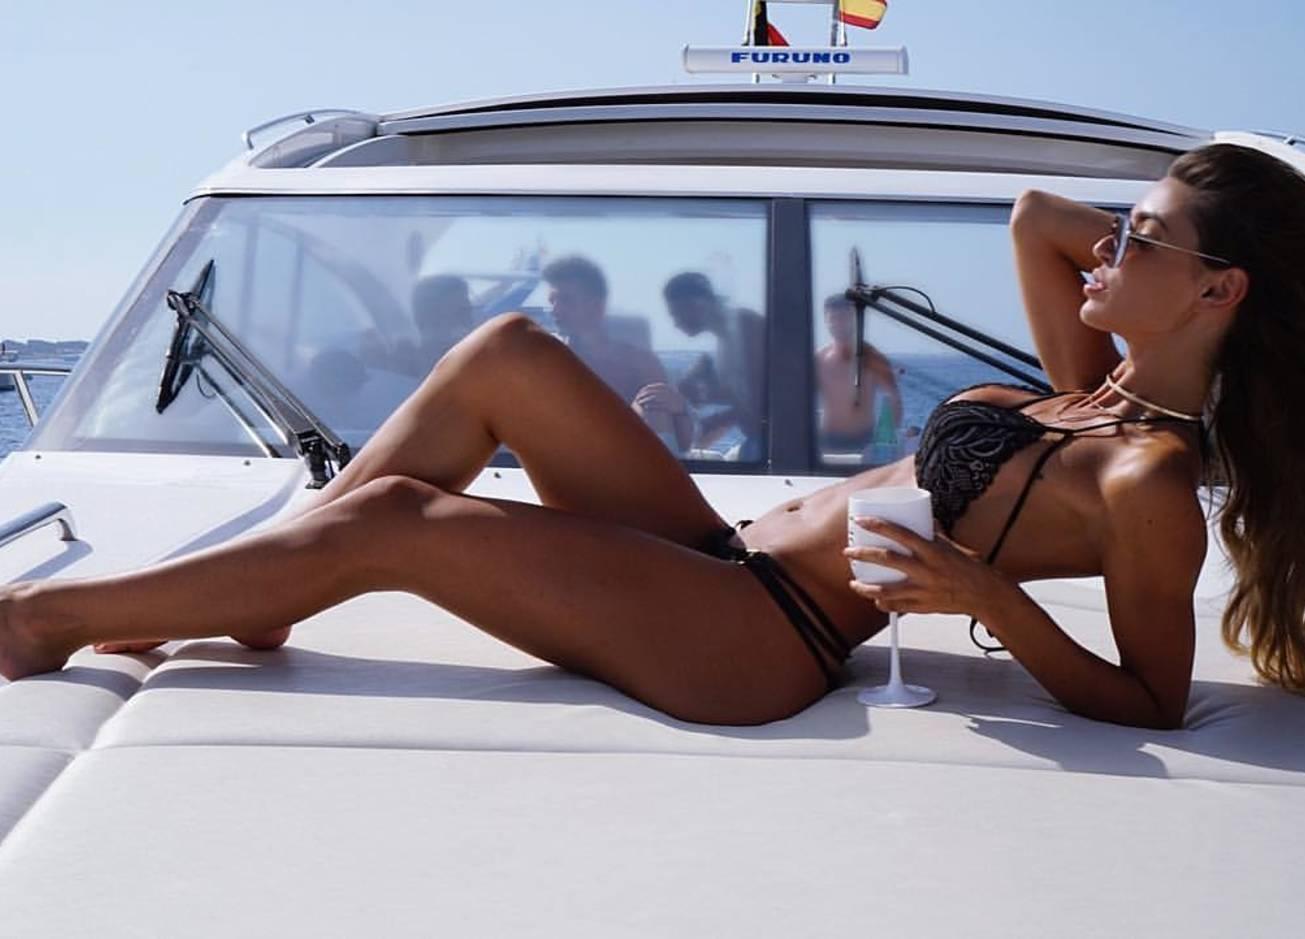 Красотка дня: голландская модель Анник ван Кёлен